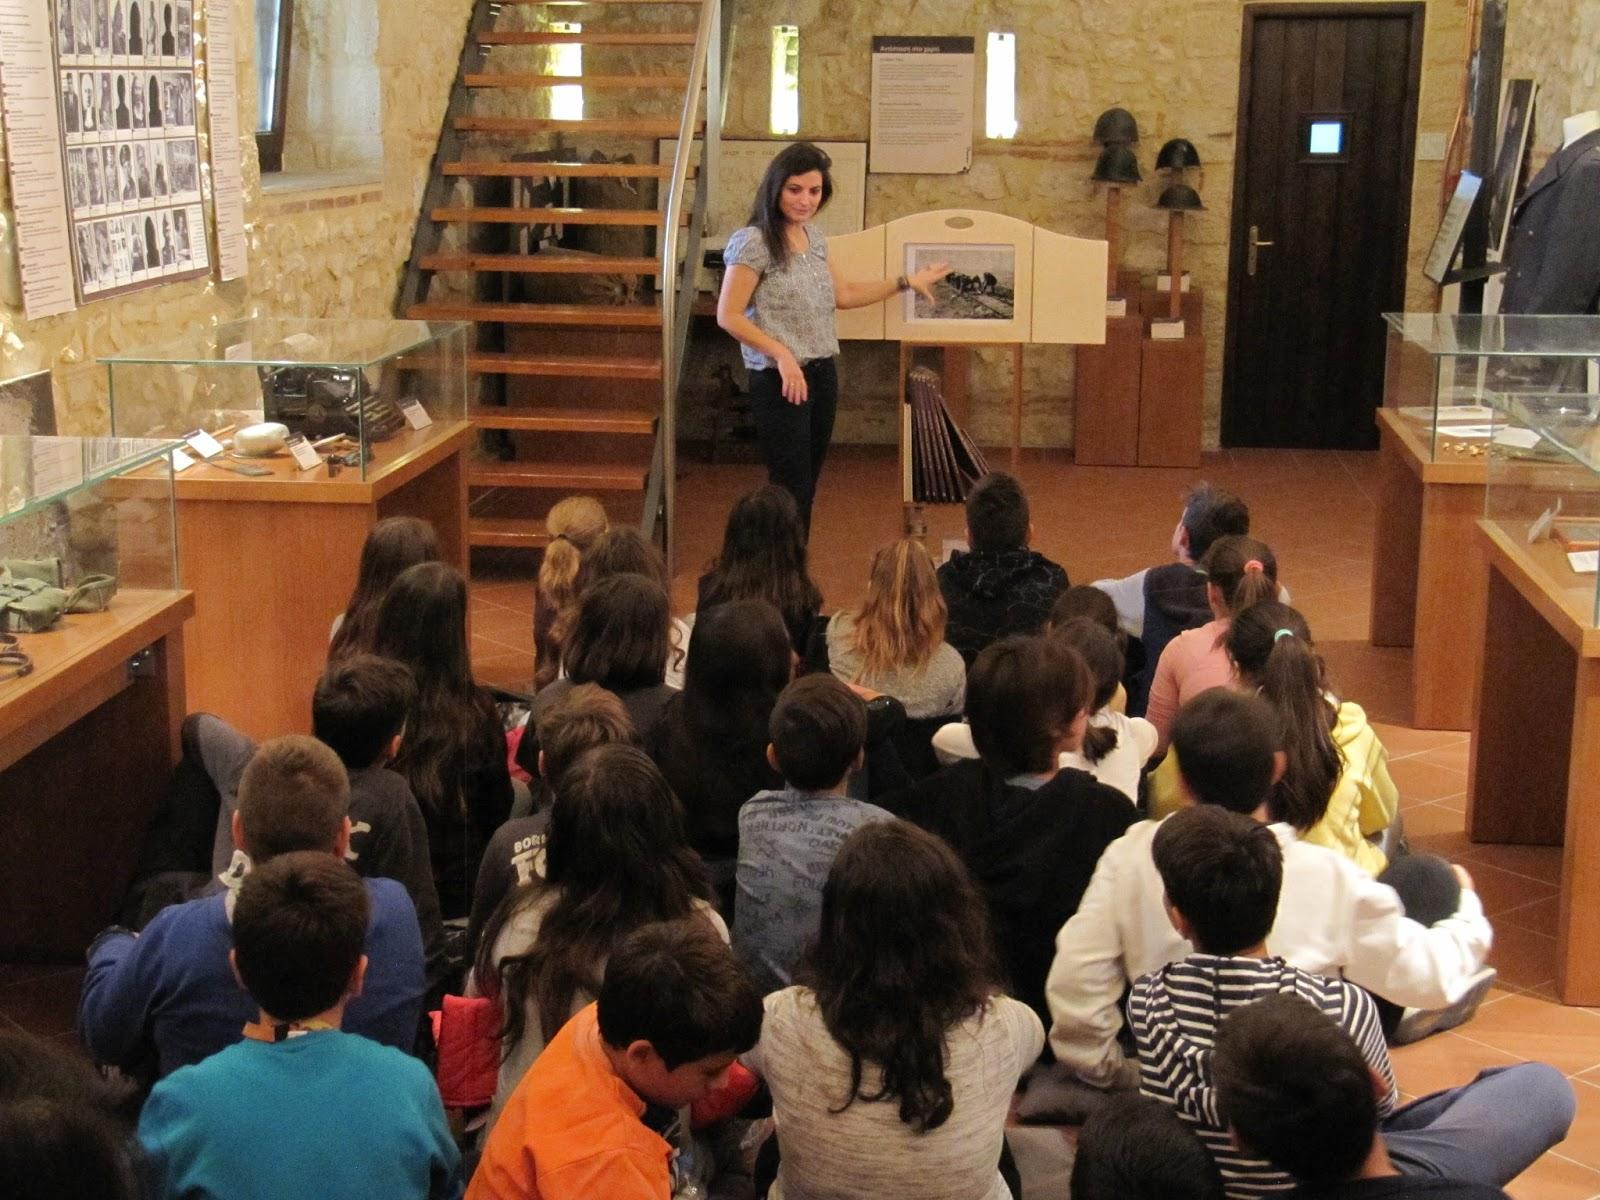 Επίσκεψη του 32ου Δημοτικού Σχολείου στο Μουσείο Εθνικής Αντίστασης Λάρισας